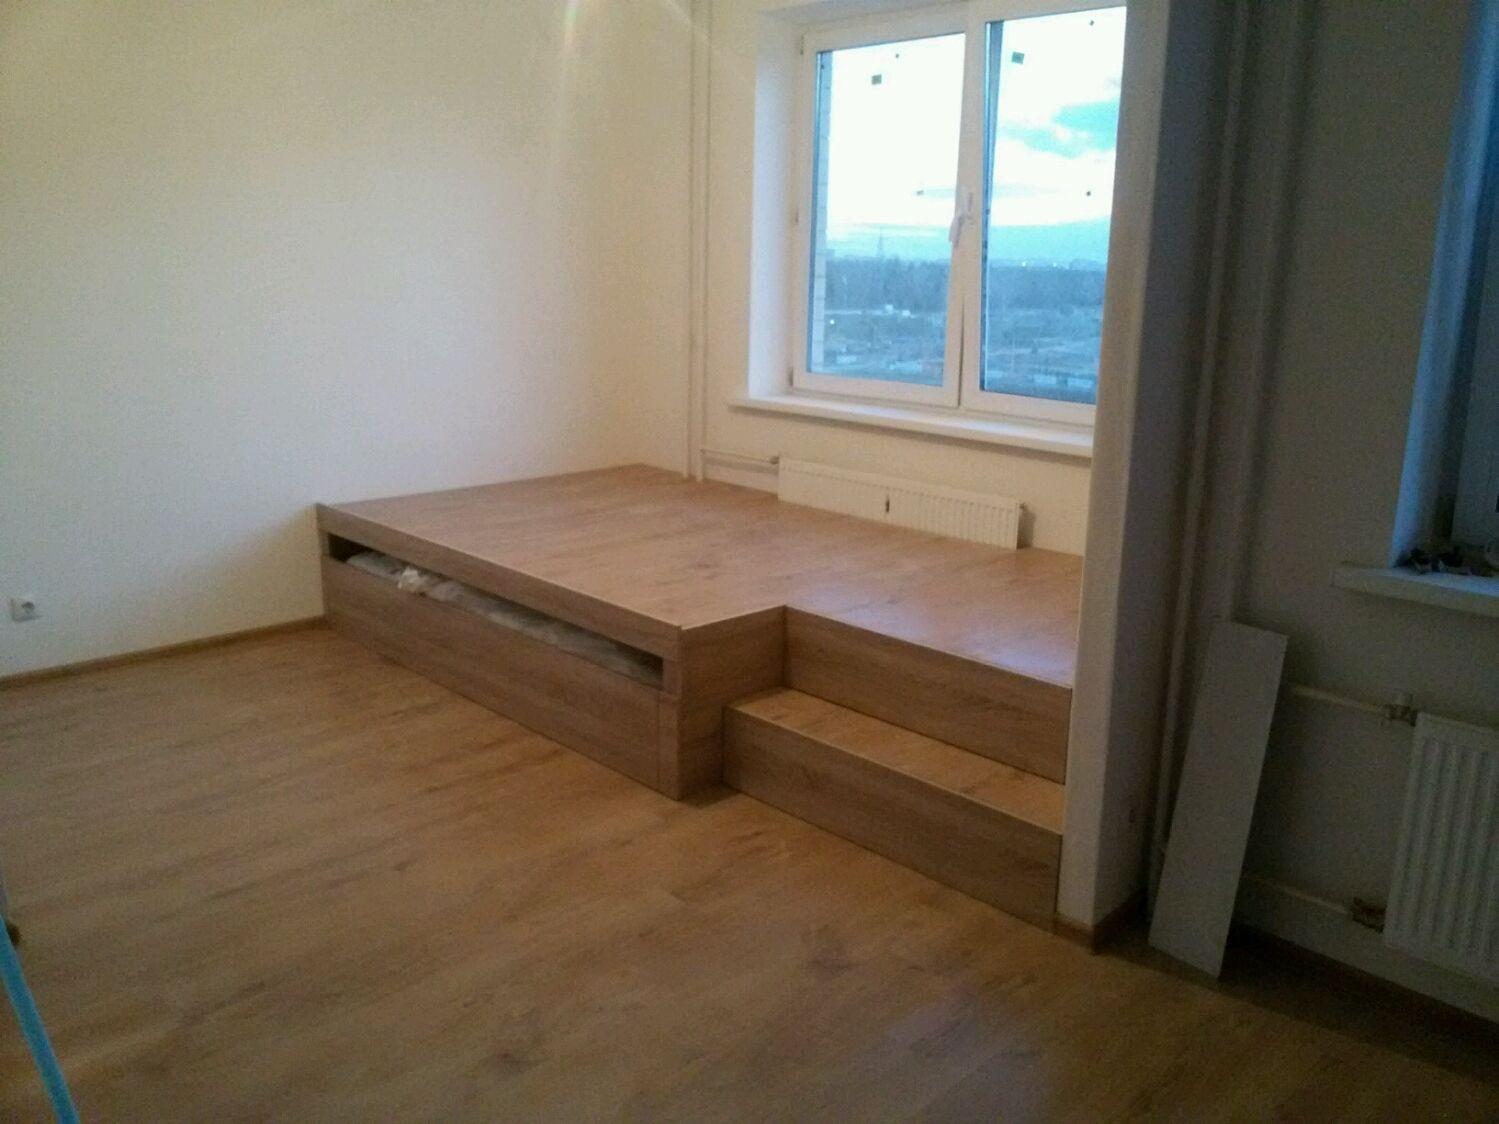 Кровать подиум, Кровати, Москва, Фото №1